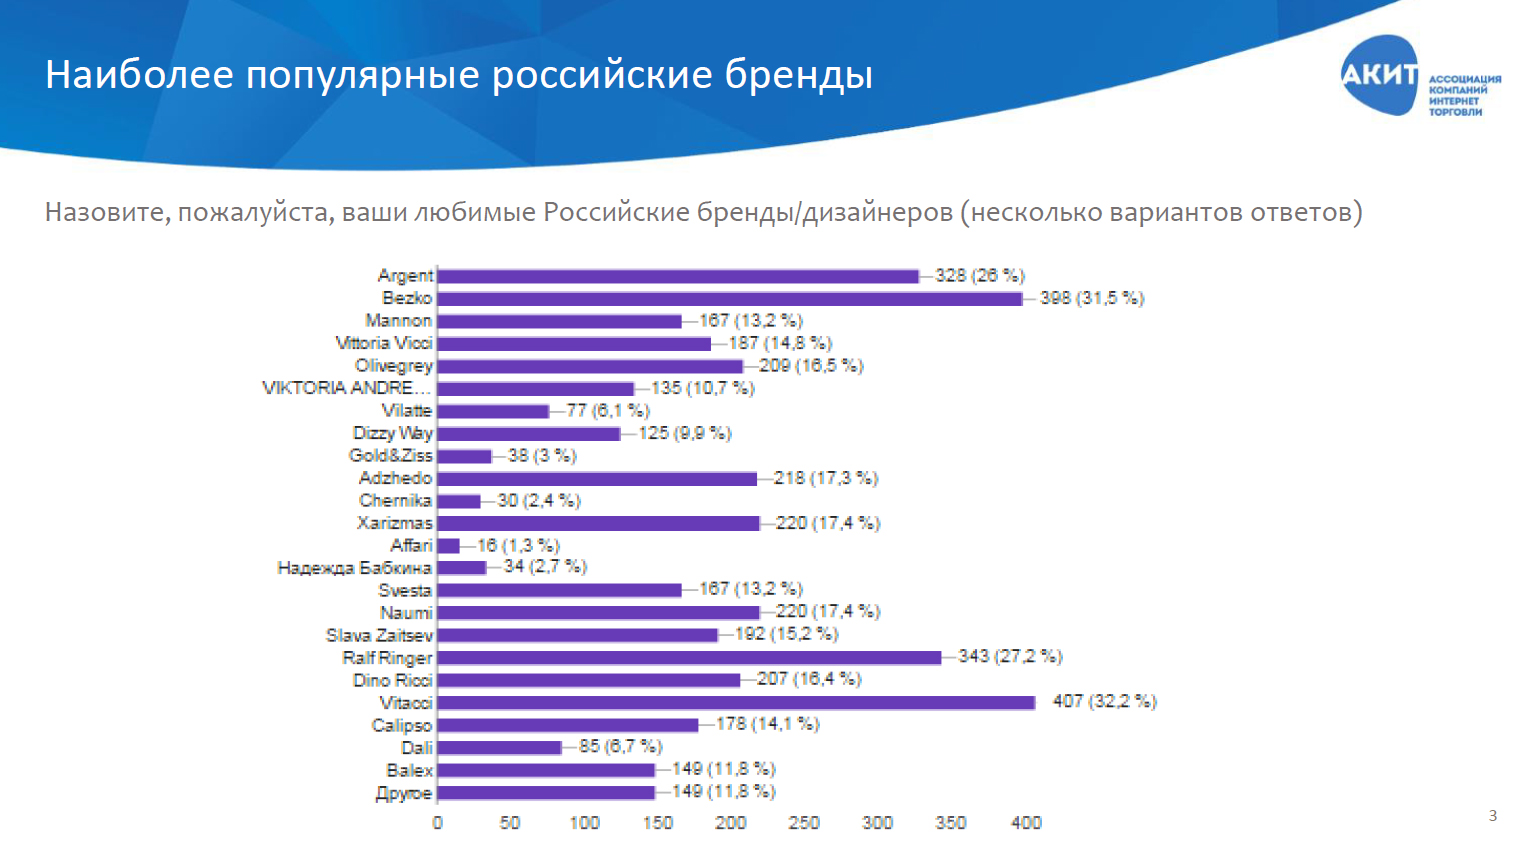 c21d0d7e80e Интерес покупателей к российским дизайнерам также вырос за последний год.  Количество поисковых запросов дизайнерской одежды в 2016 году увеличилось  на 33